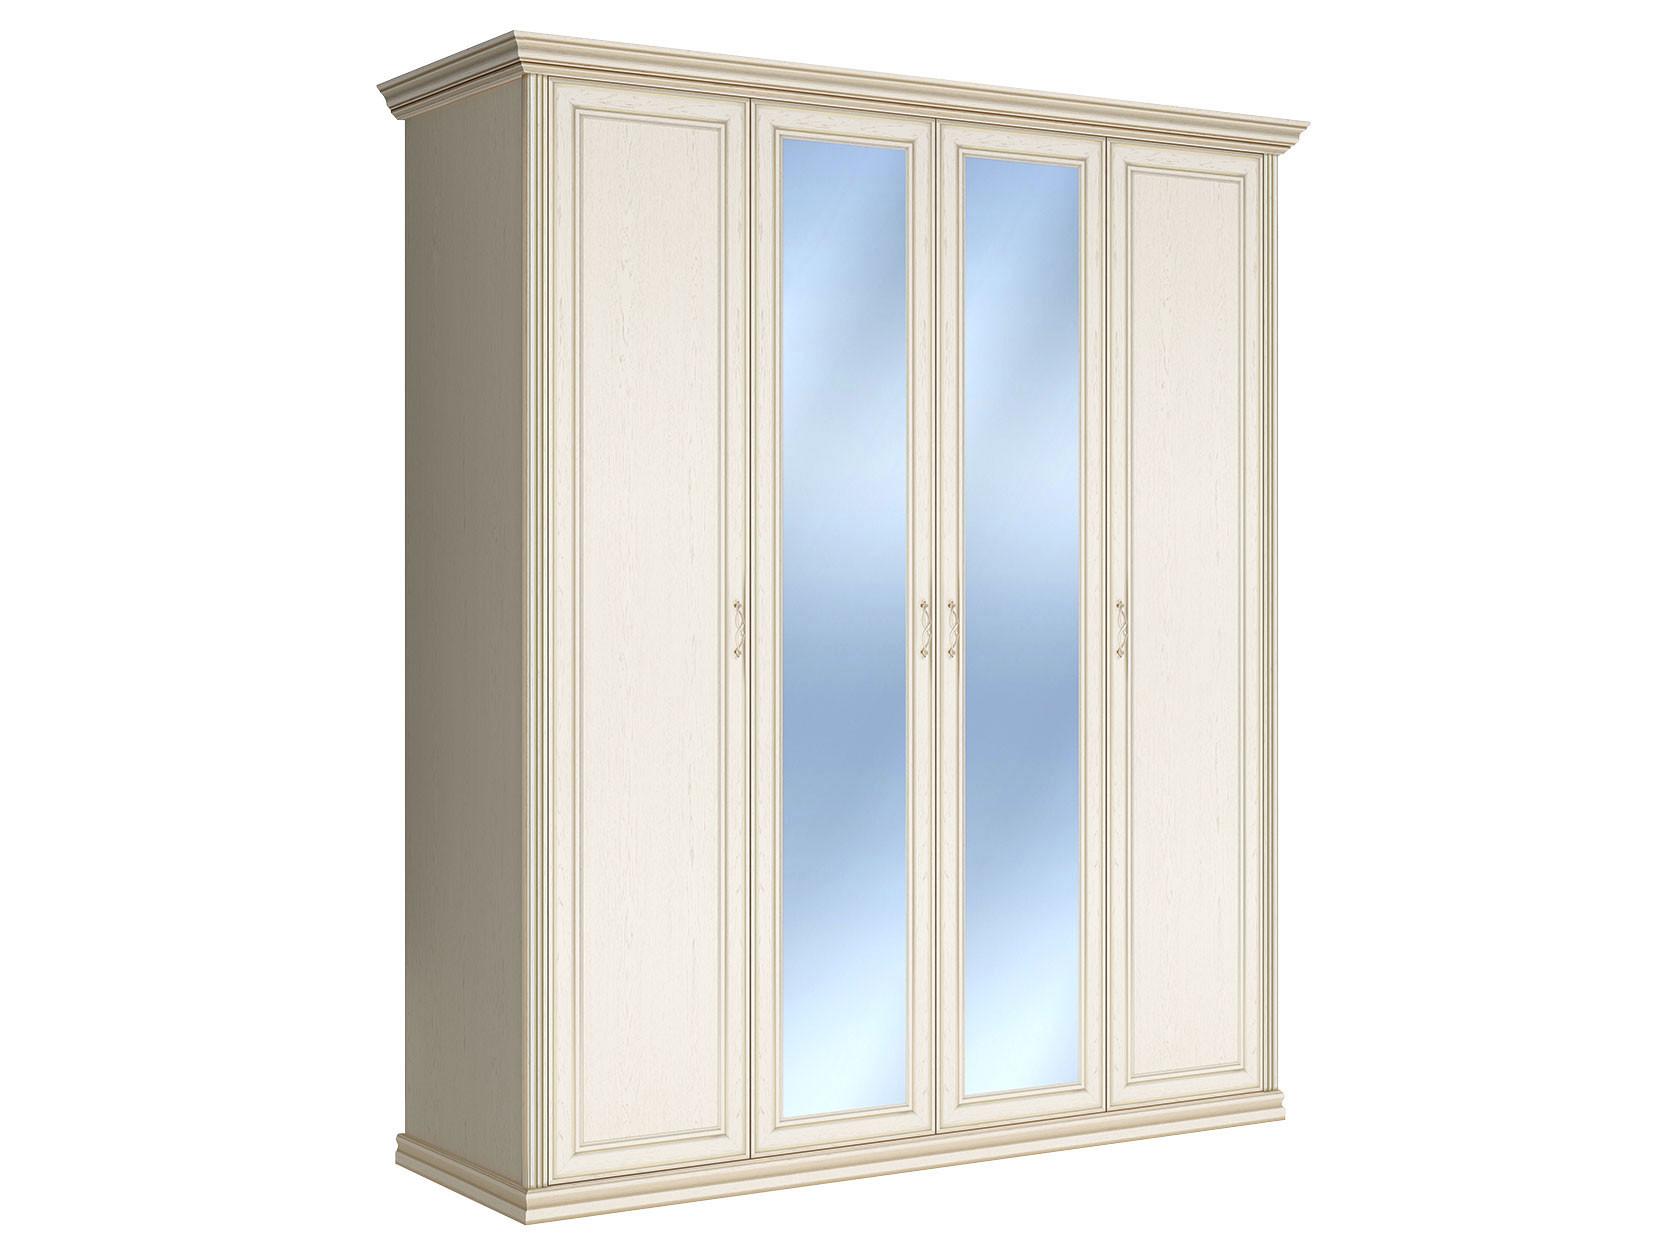 Шкаф распашной четырехстворчатый Первый Мебельный Шкаф 4-х дверный с зеркалом Венето недорого